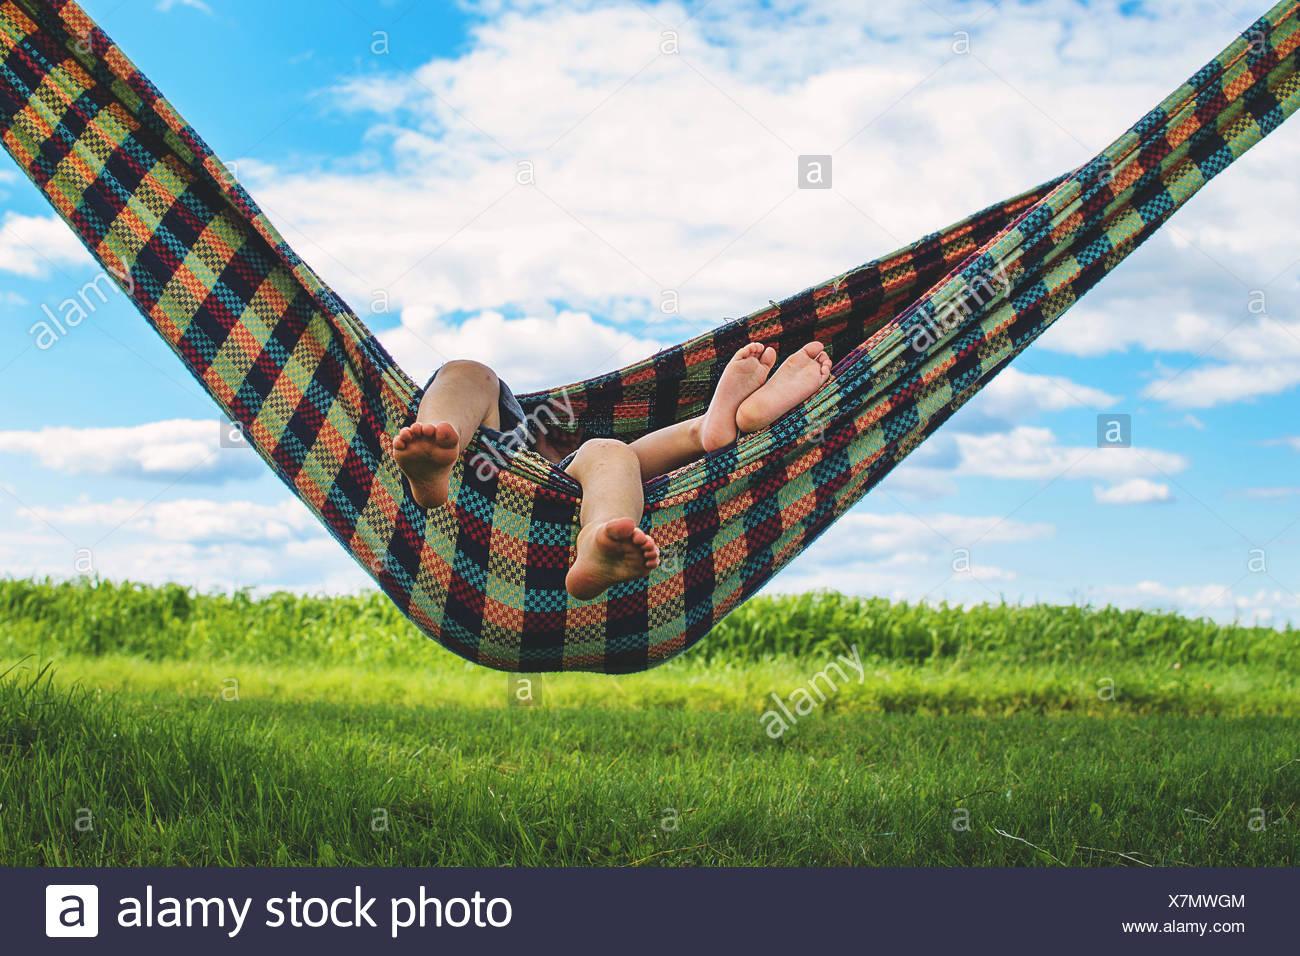 Children (2-3) relaxing in hammock - Stock Image